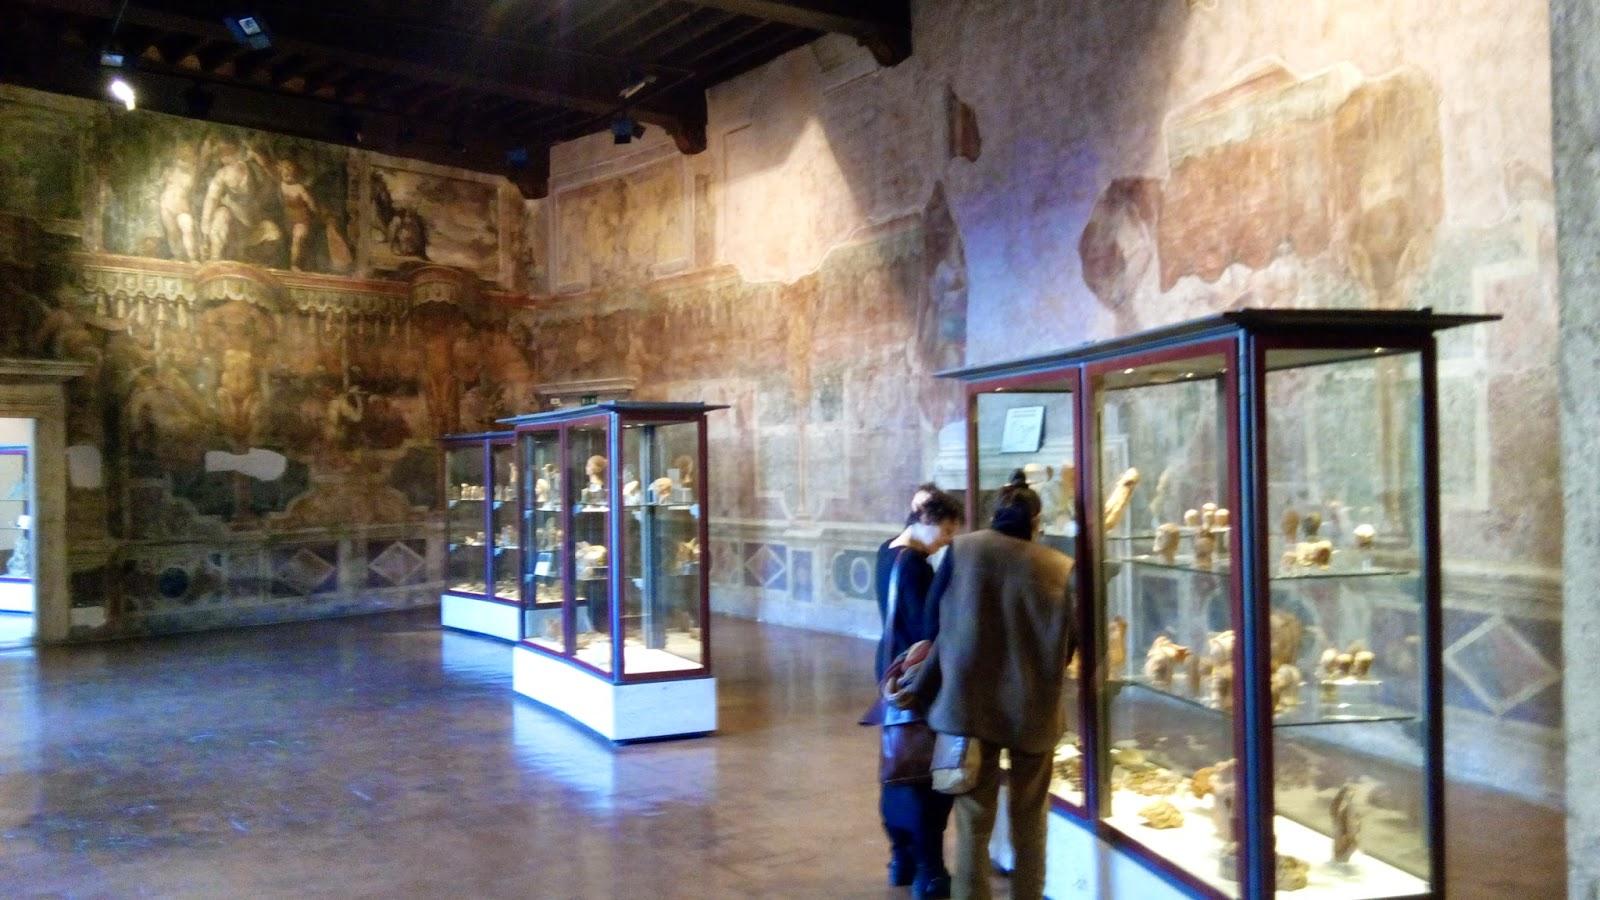 Com as amigas no Museu arqueológico de Palestrina